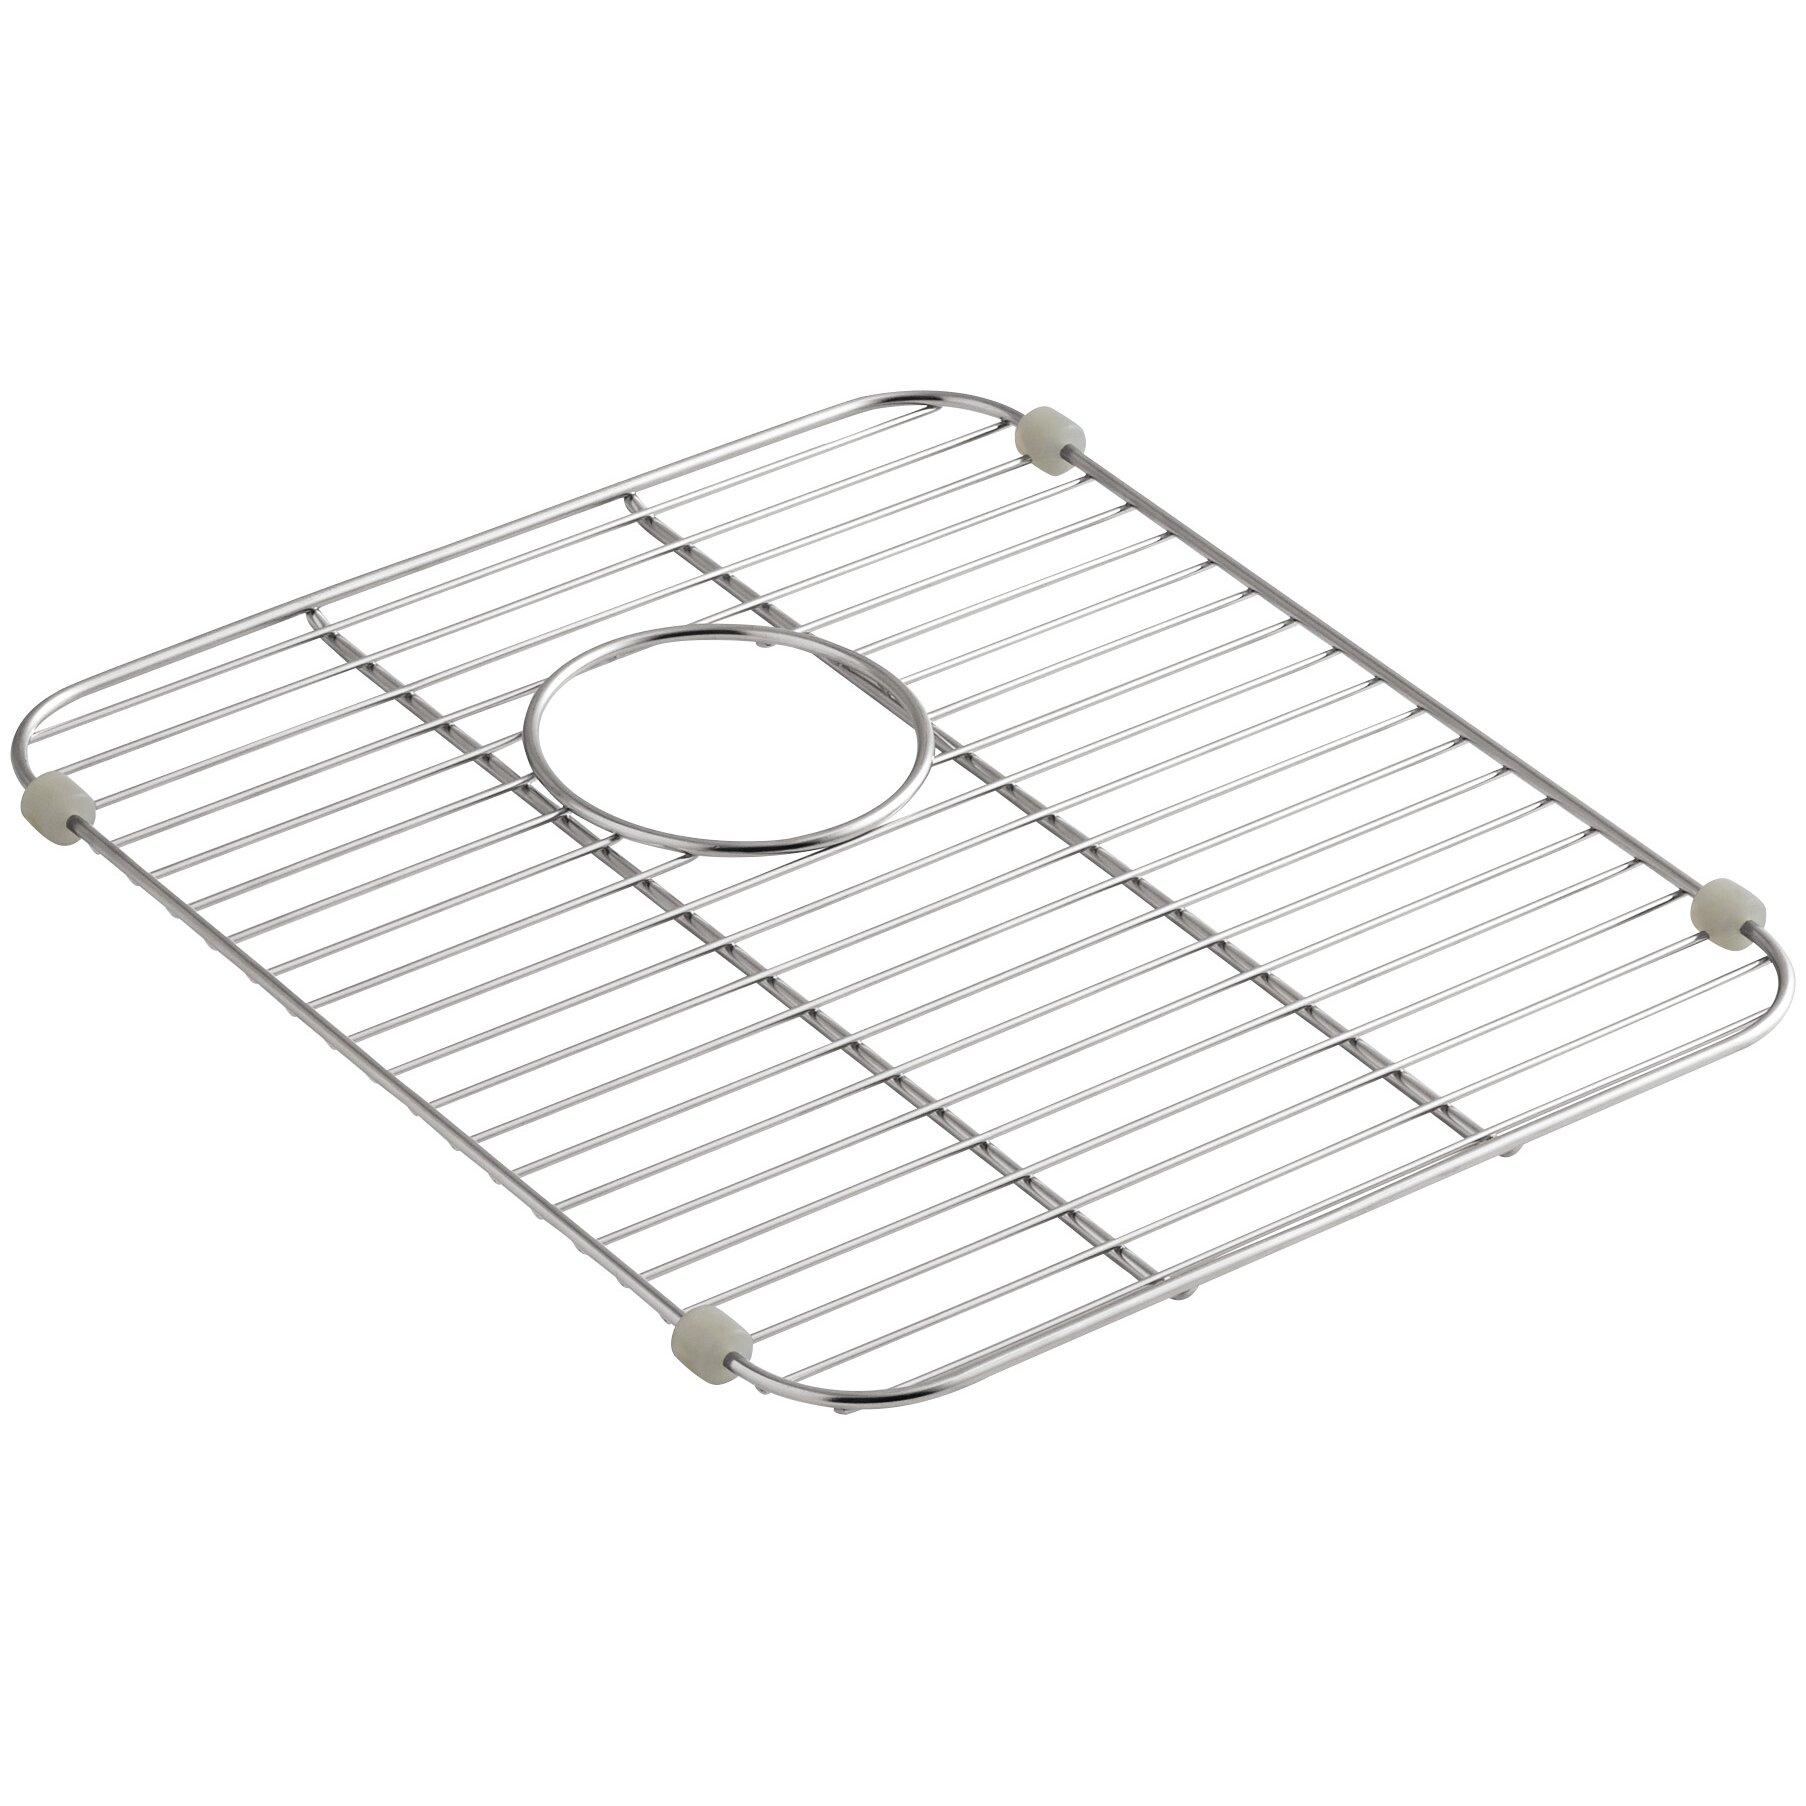 Kitchen Sink Rack: Stainless Steel Sink Rack For Kitchen Sinks